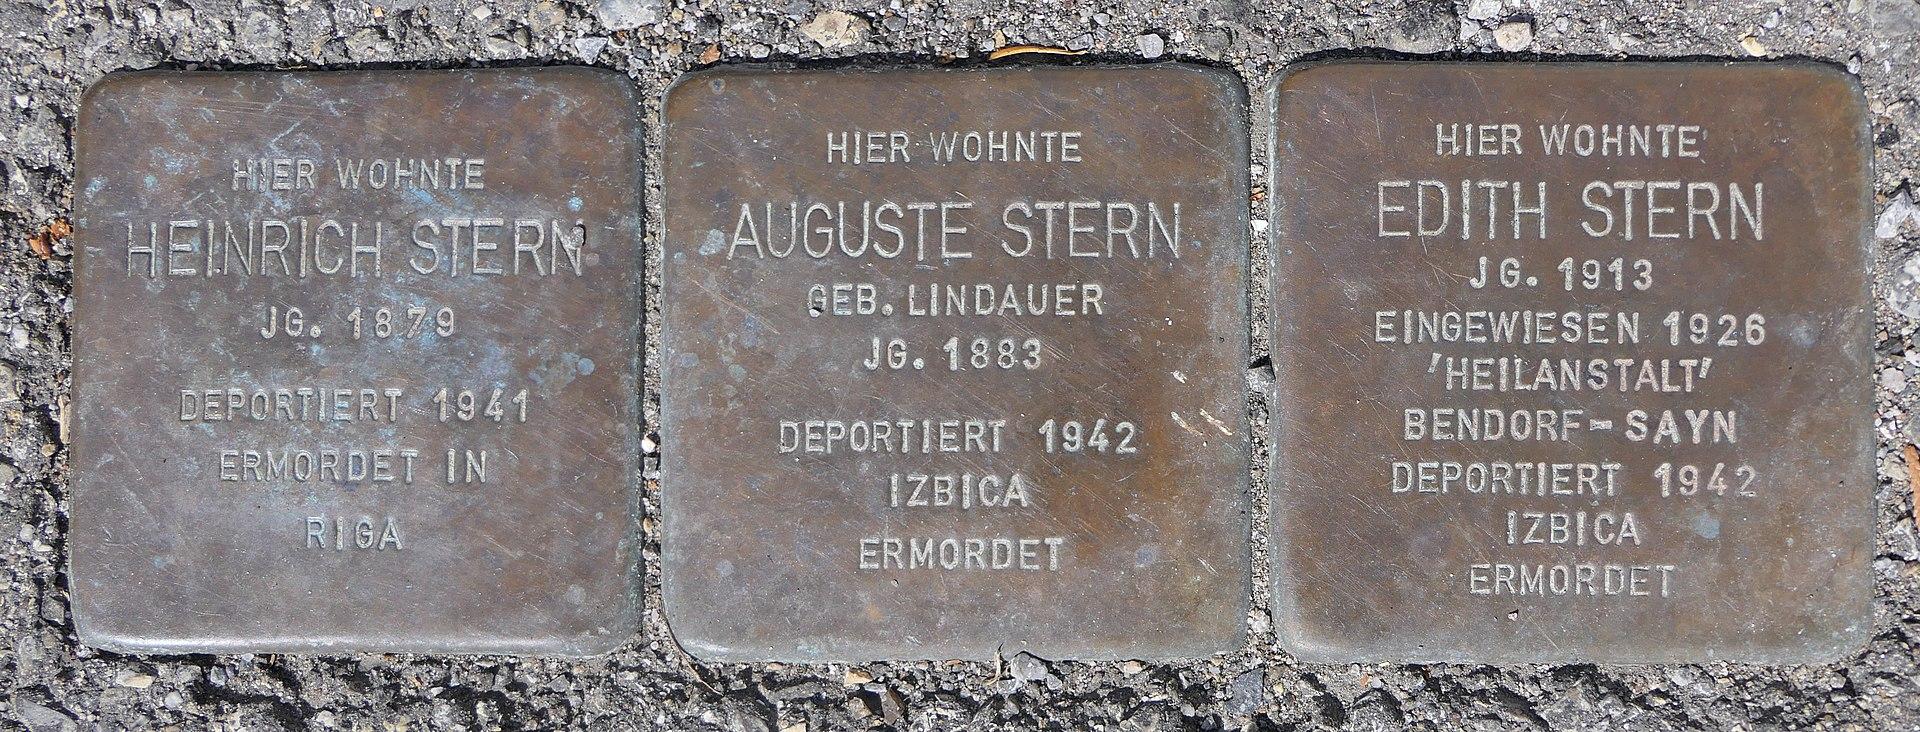 Stolpersteine für Familie Stern, Weidachstraße 16, Degerloch, Stuttgart.JPG